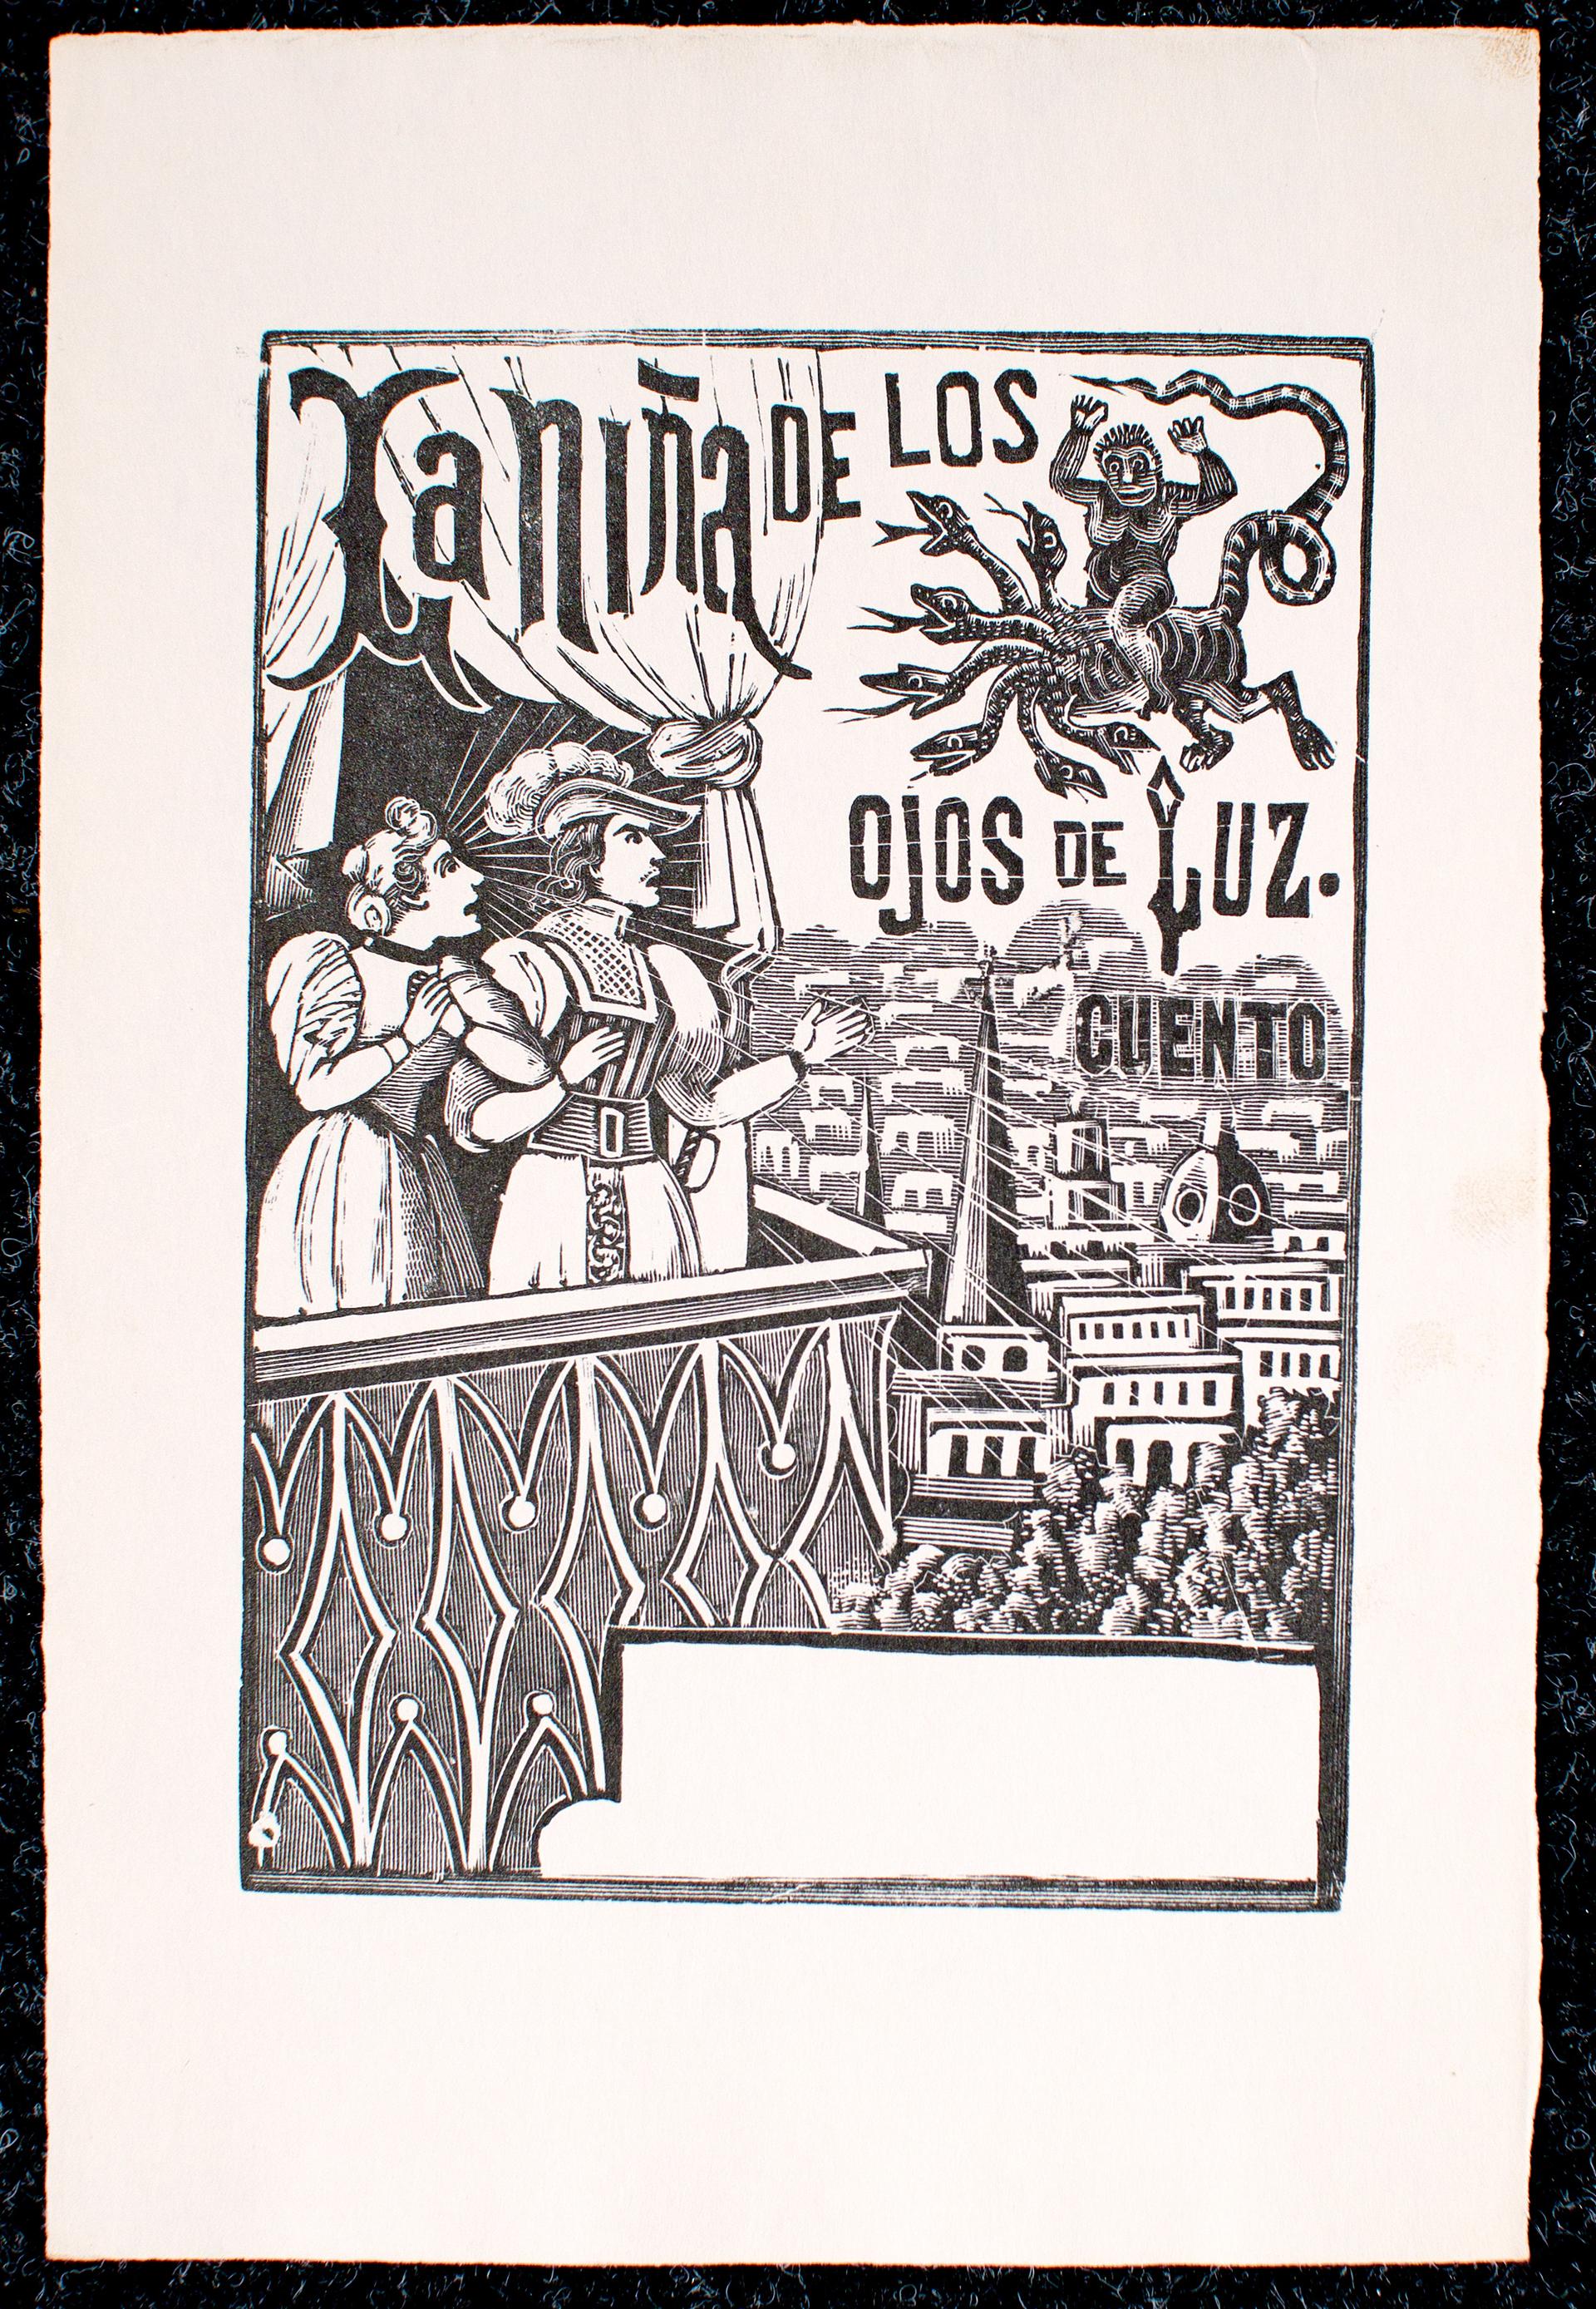 La Nina Del Los Ojos de Luz by José Guadalupe Posada (1852 - 1913)